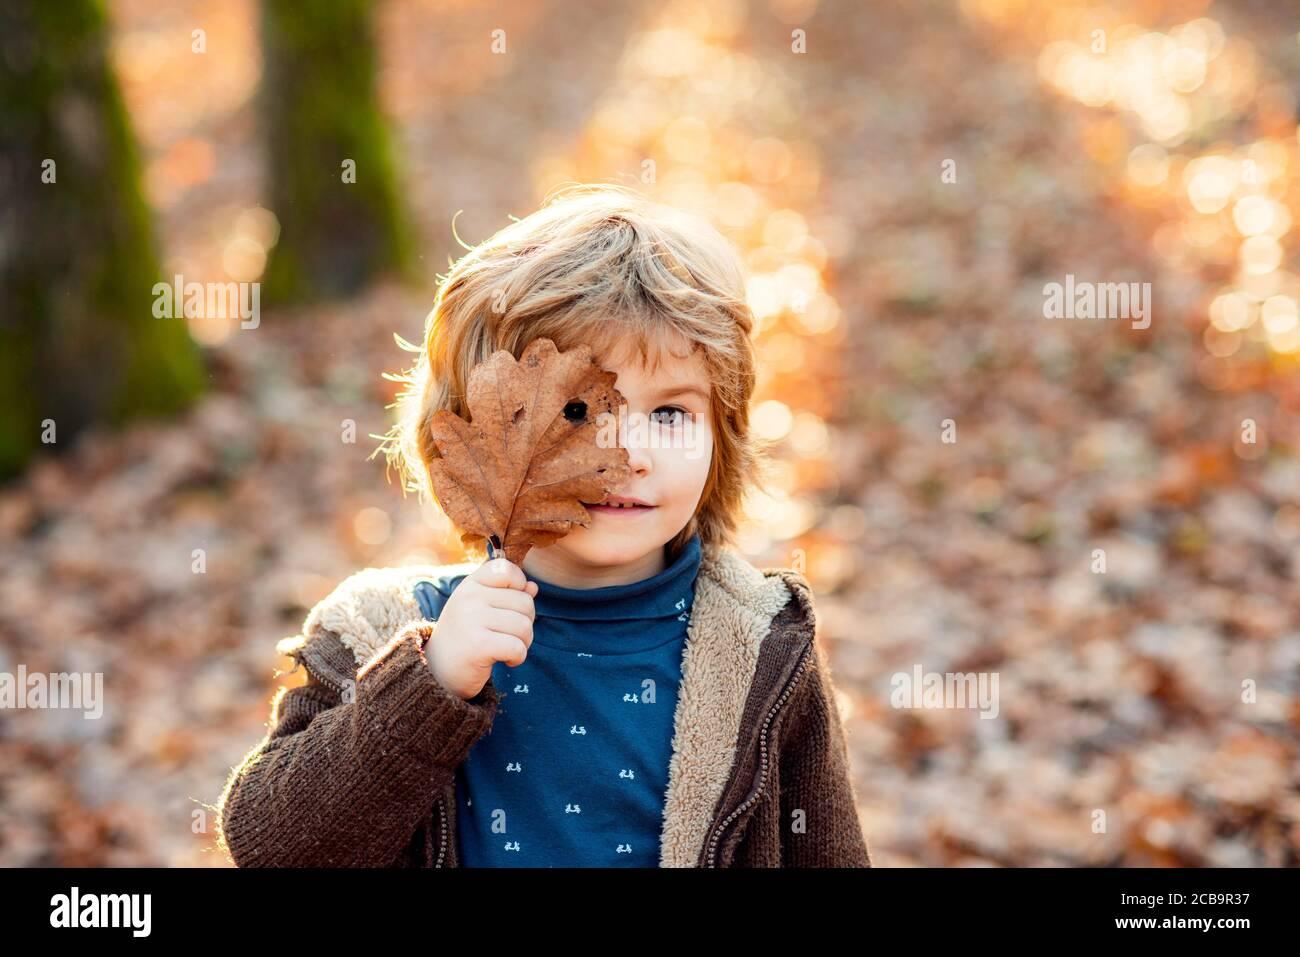 Niño cubre sus ojos con una hoja de arce amarilla. Niño jugando con hojas de otoño en el parque. Foto de stock